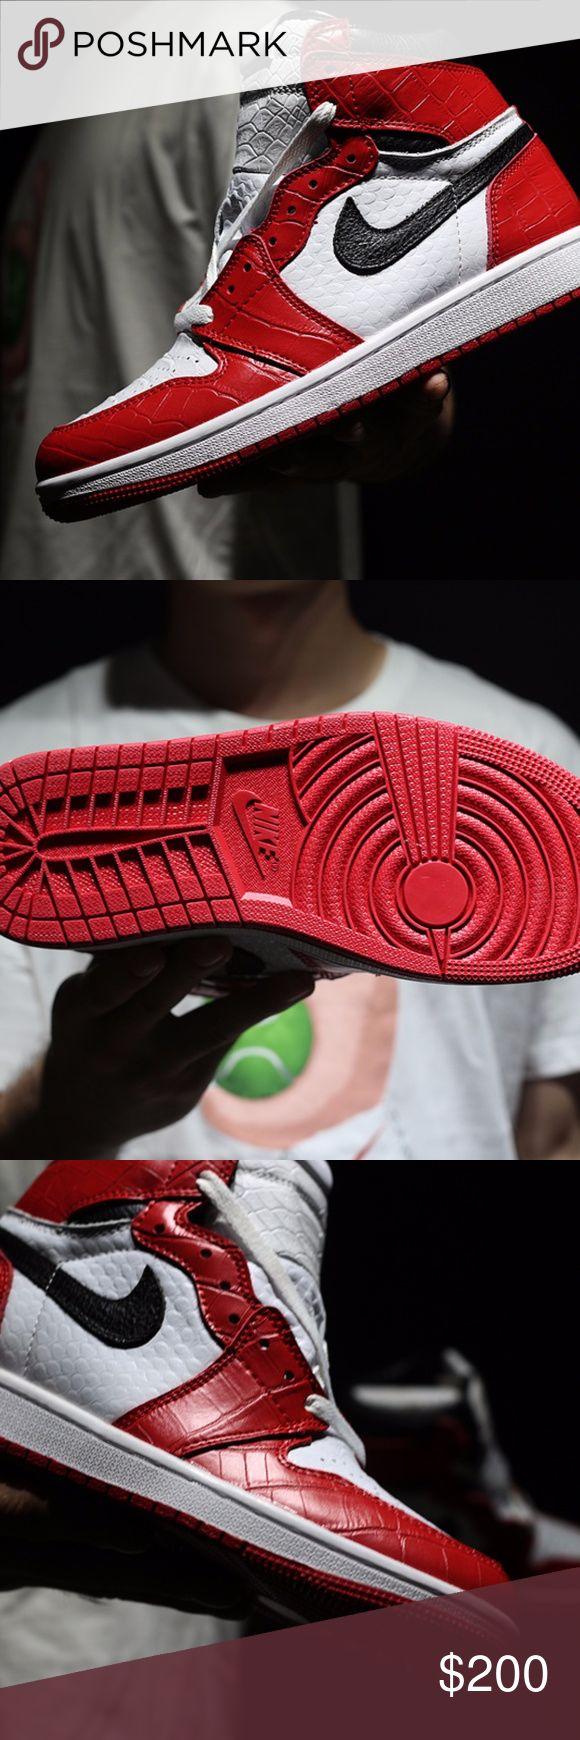 Nike Air Jordan 1 Retro Nike Air Jordan 1 Retro Air Jordan Shoes Sneakers